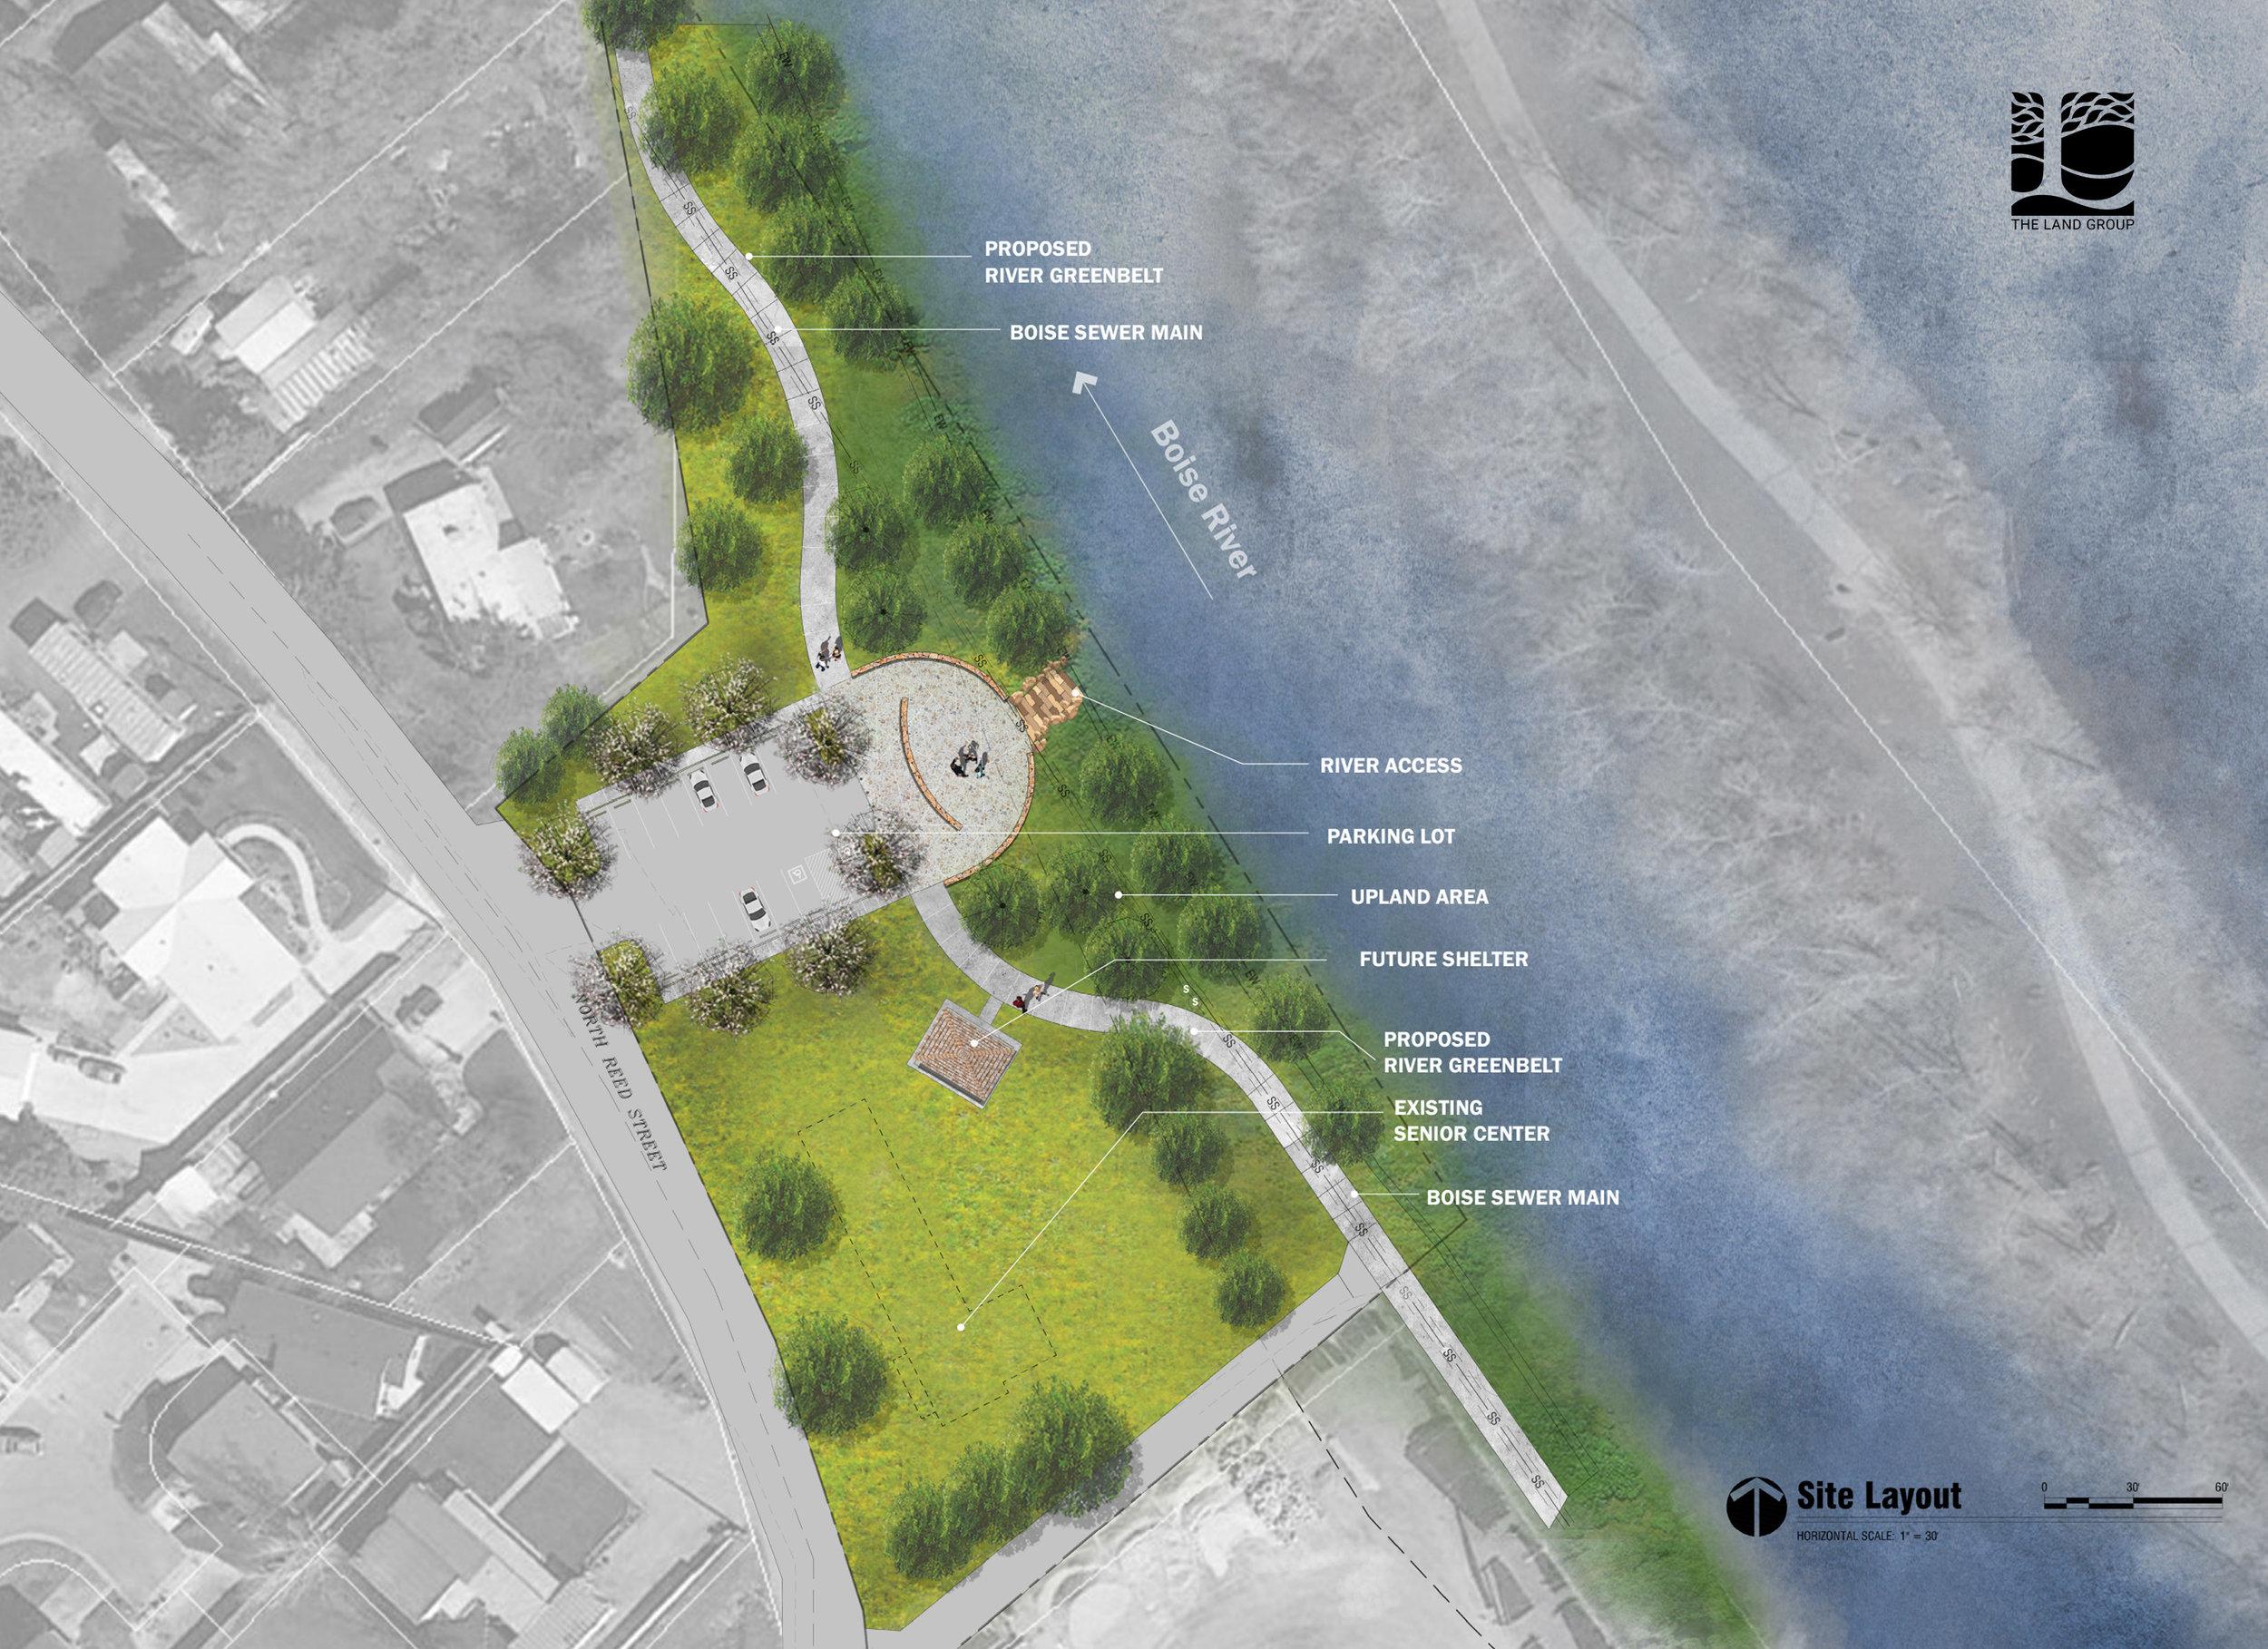 180410 park rendering.jpg